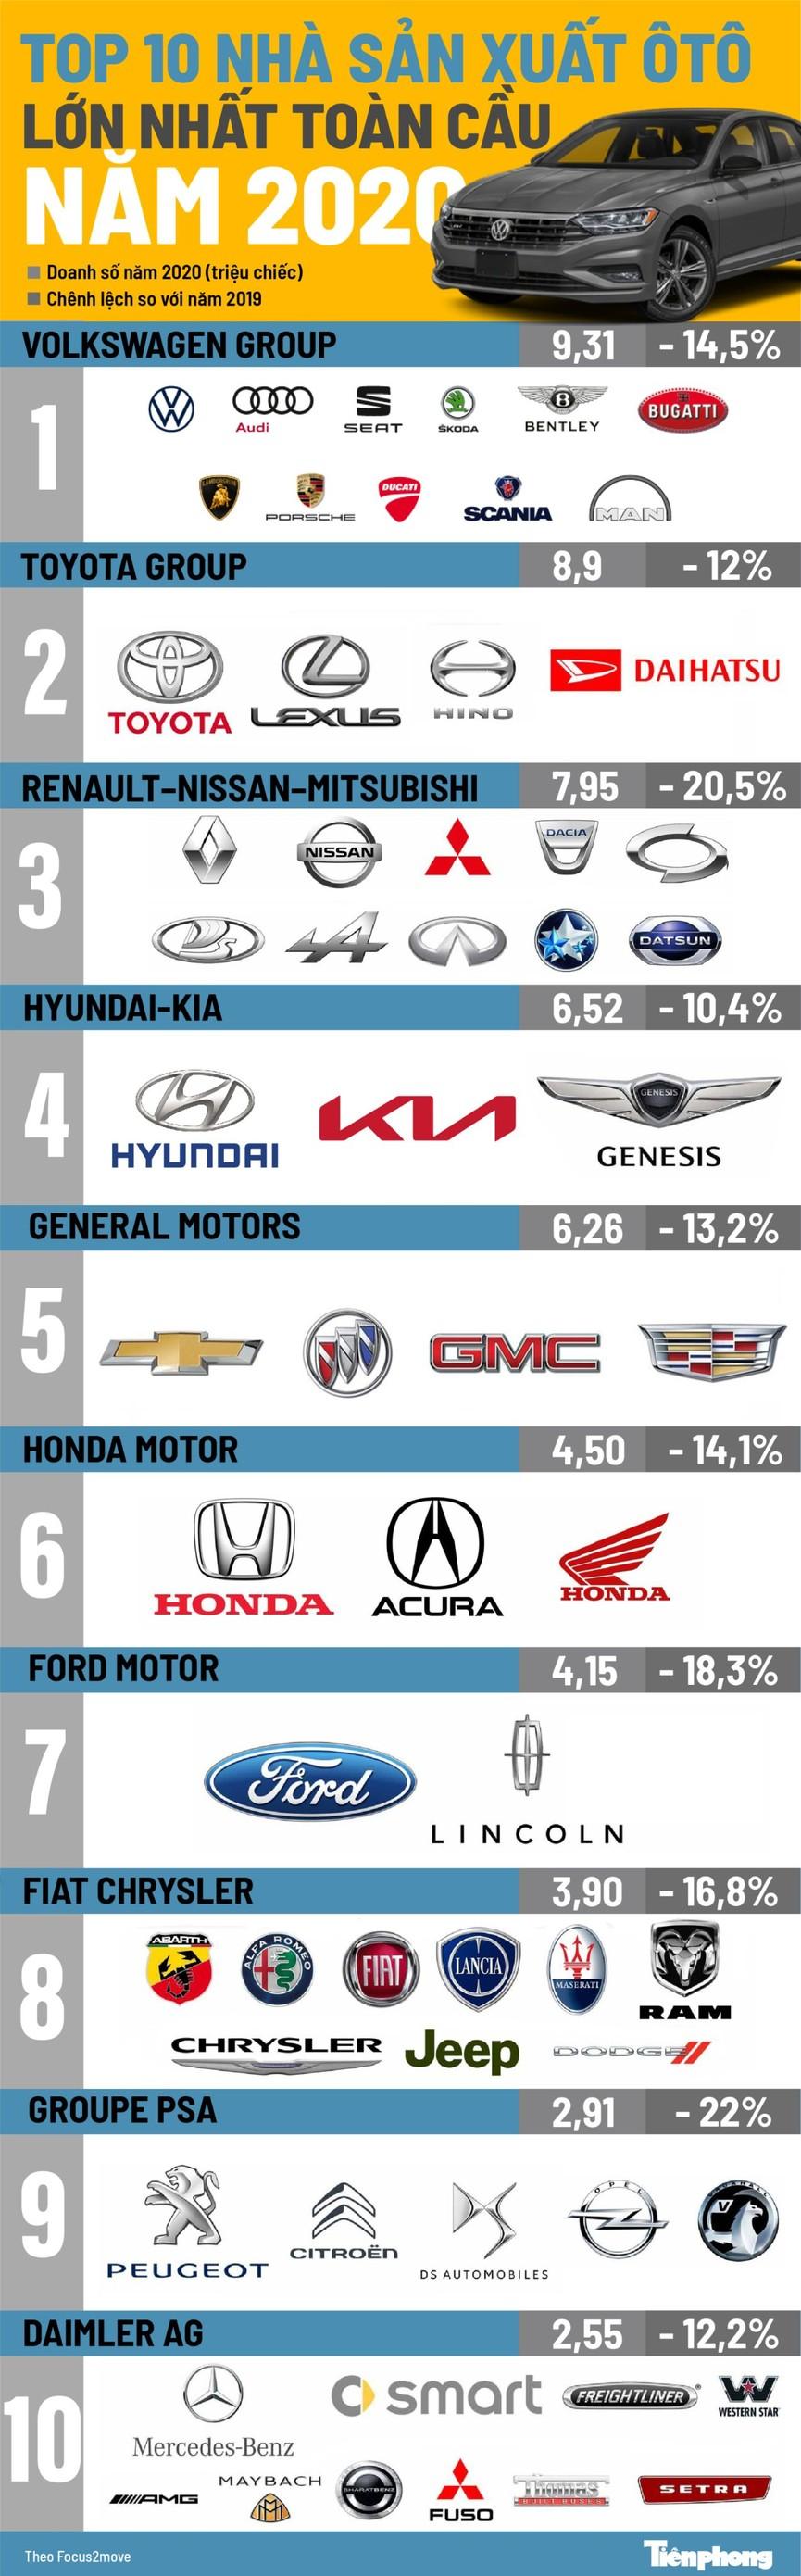 Top 10 nhà sản xuất ôtô lớn nhất năm 2020 - ảnh 1